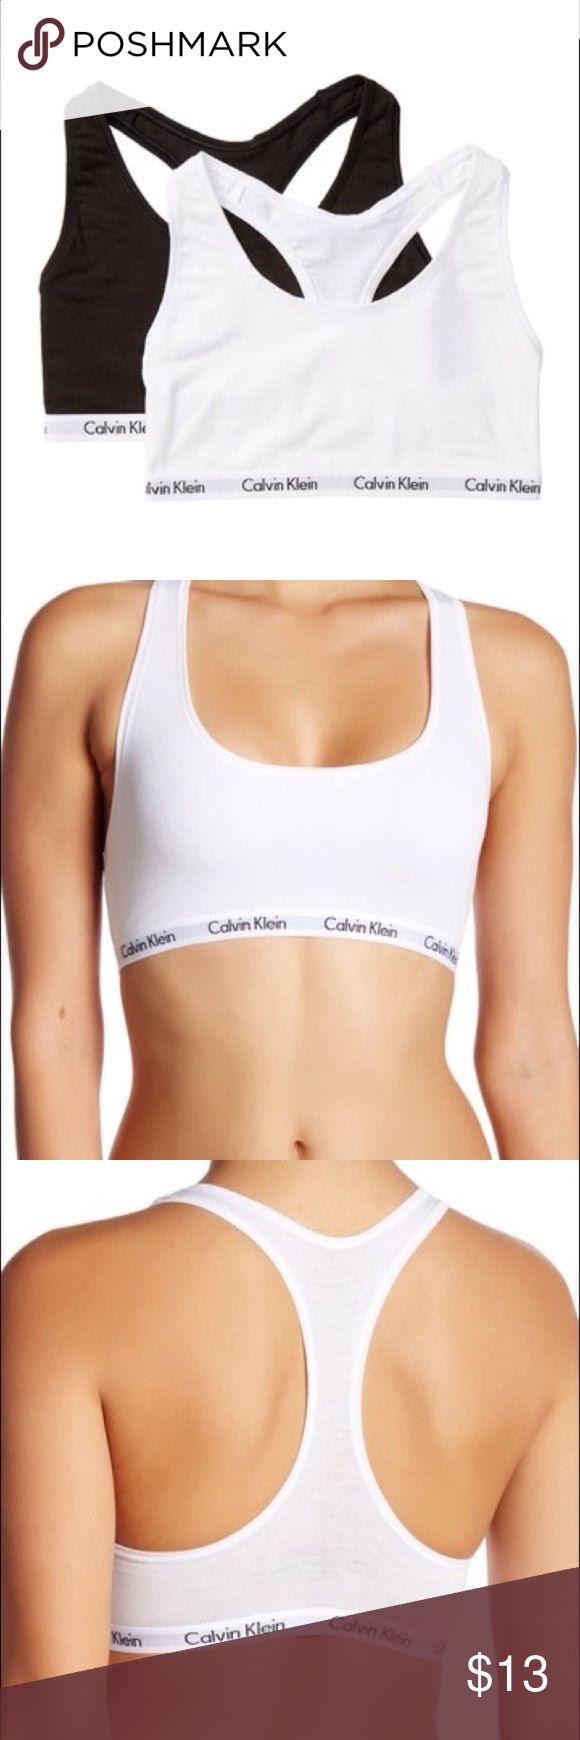 🚨SALE🚨 WHITE CALVIN KLEIN BRALETTE AUTHENTIC WHITE CALVIN KLEIN BRALETTE SIZE M, WORN A FEW TIMES Calvin Klein Intimates & Sleepwear Bras